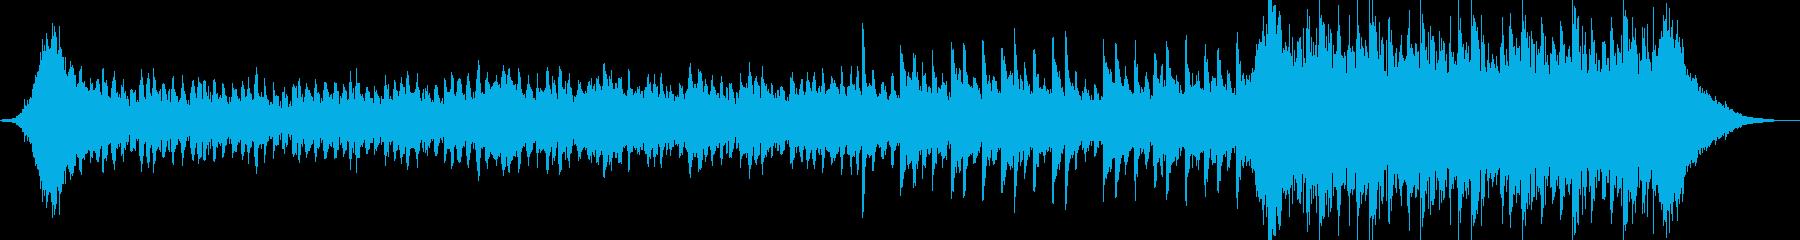 企業VPや映像36、壮大、オーケストラbの再生済みの波形